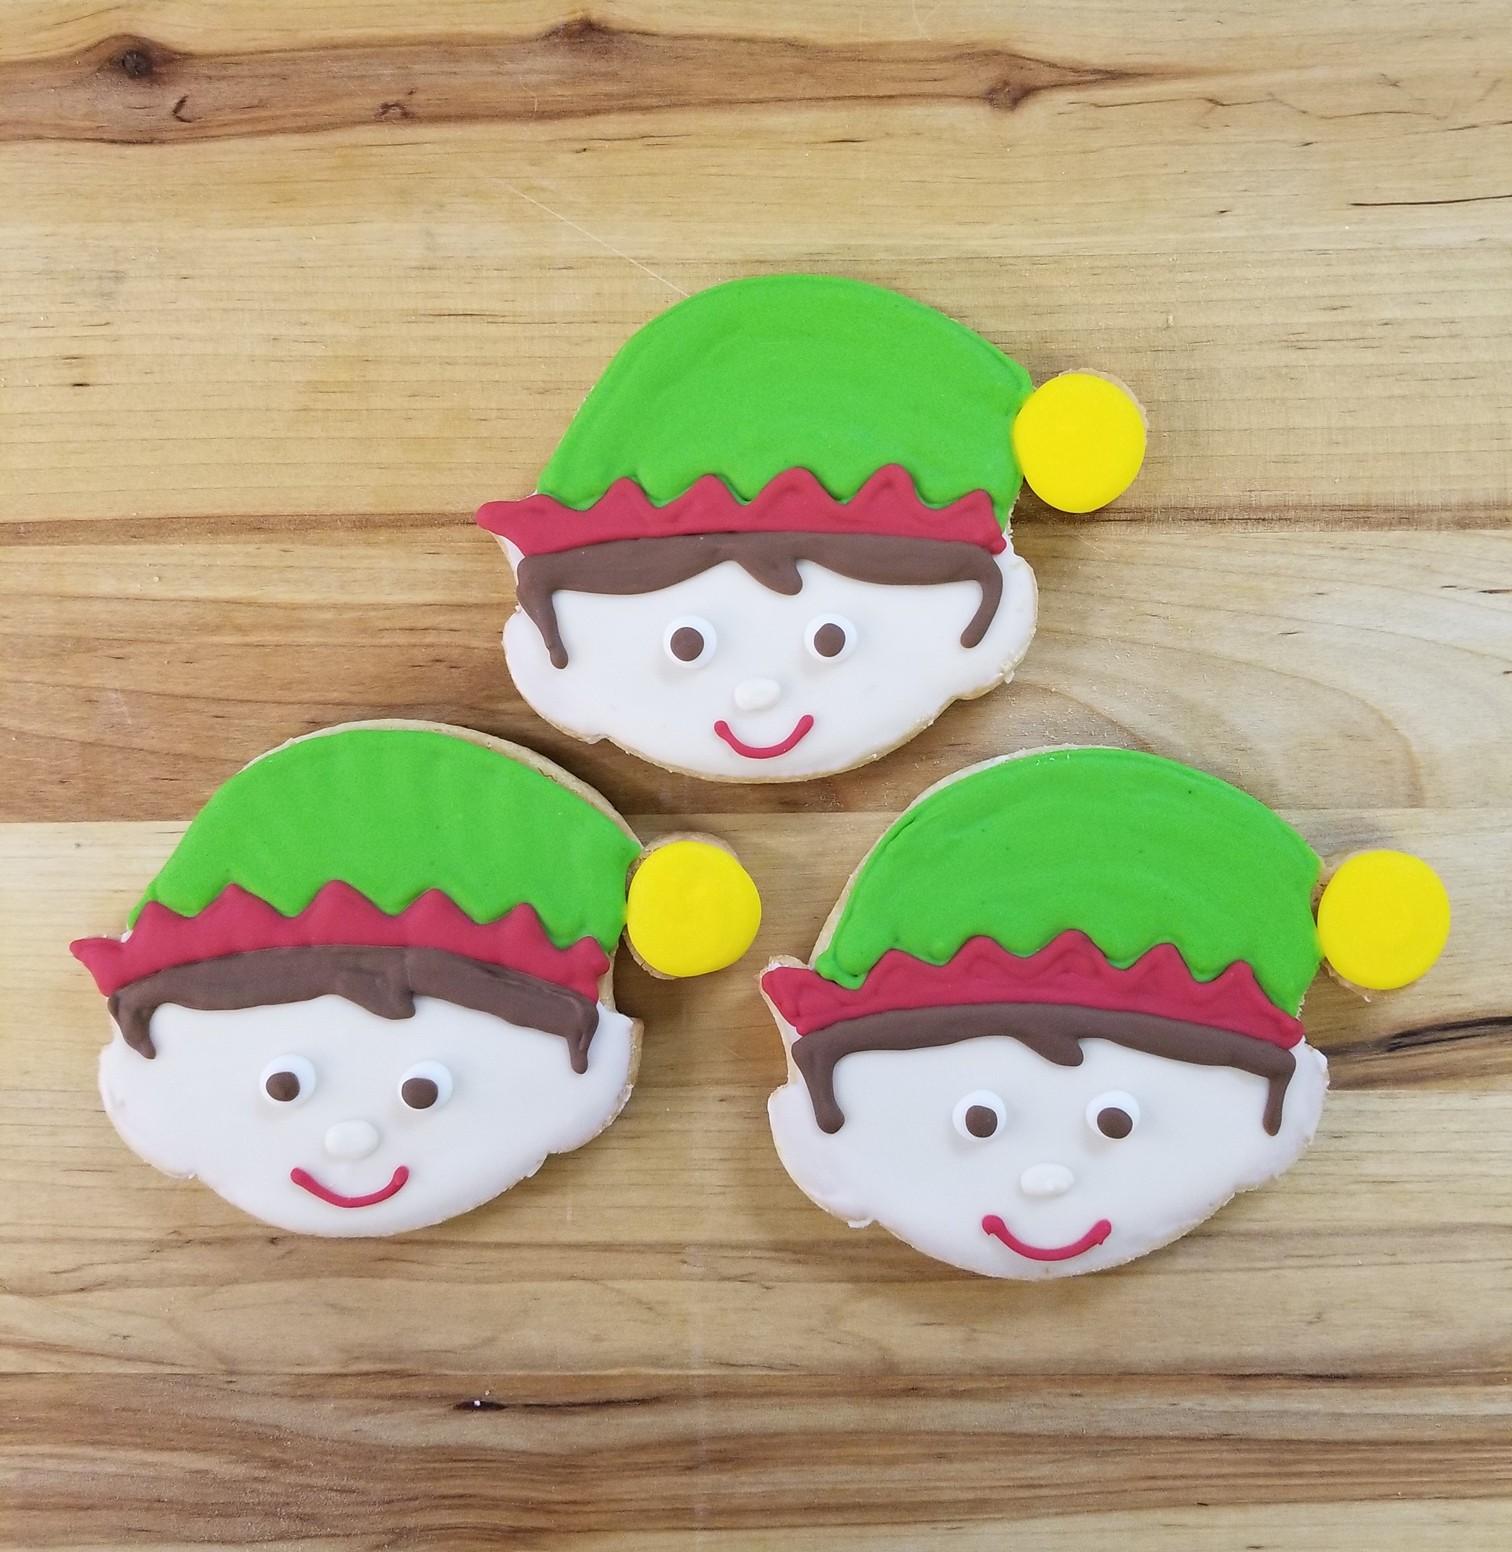 Elf, cookies, party, santa, buddy, christmas, school, helper, tree, trimming, jacksonville